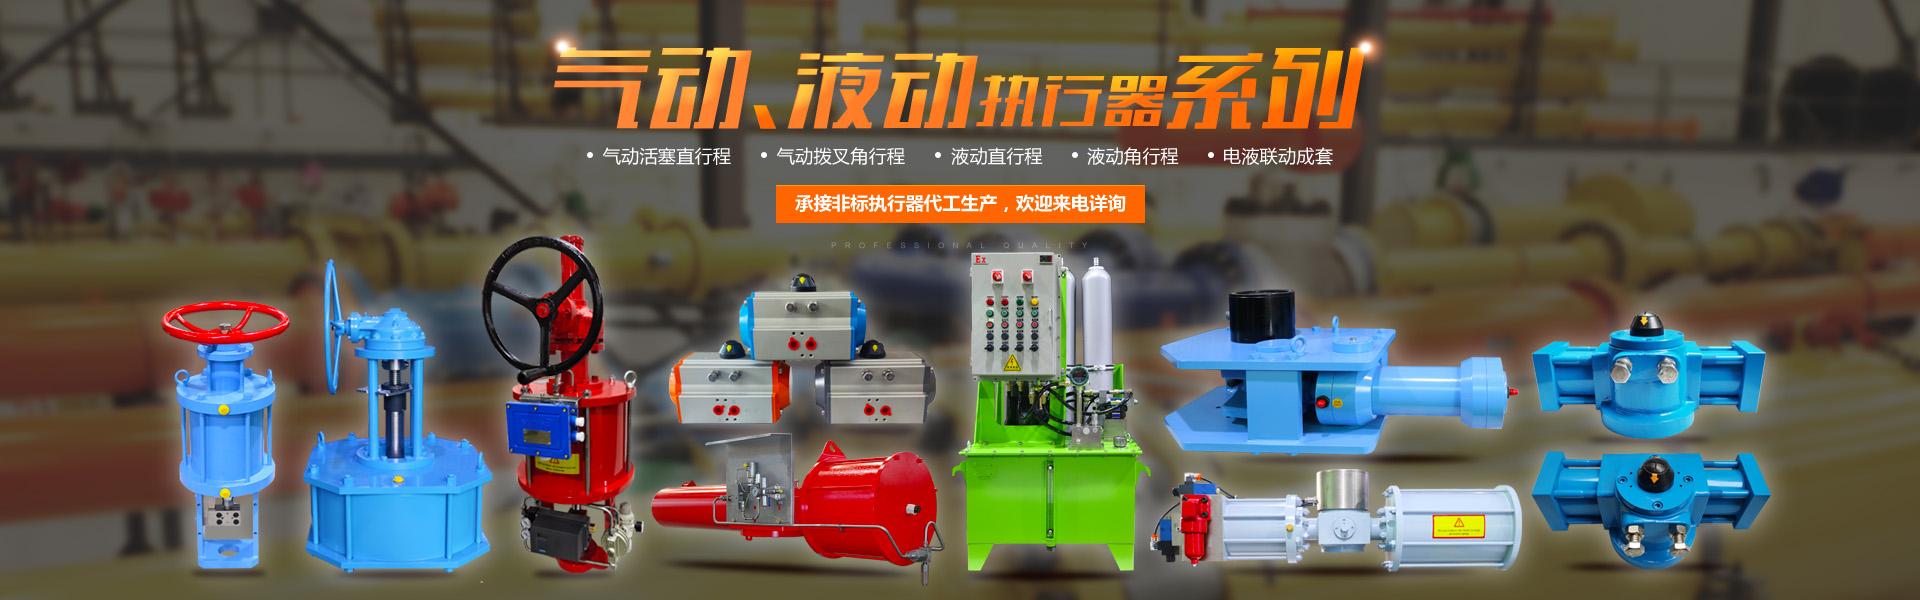 气动执行器和液动执行器产品展示